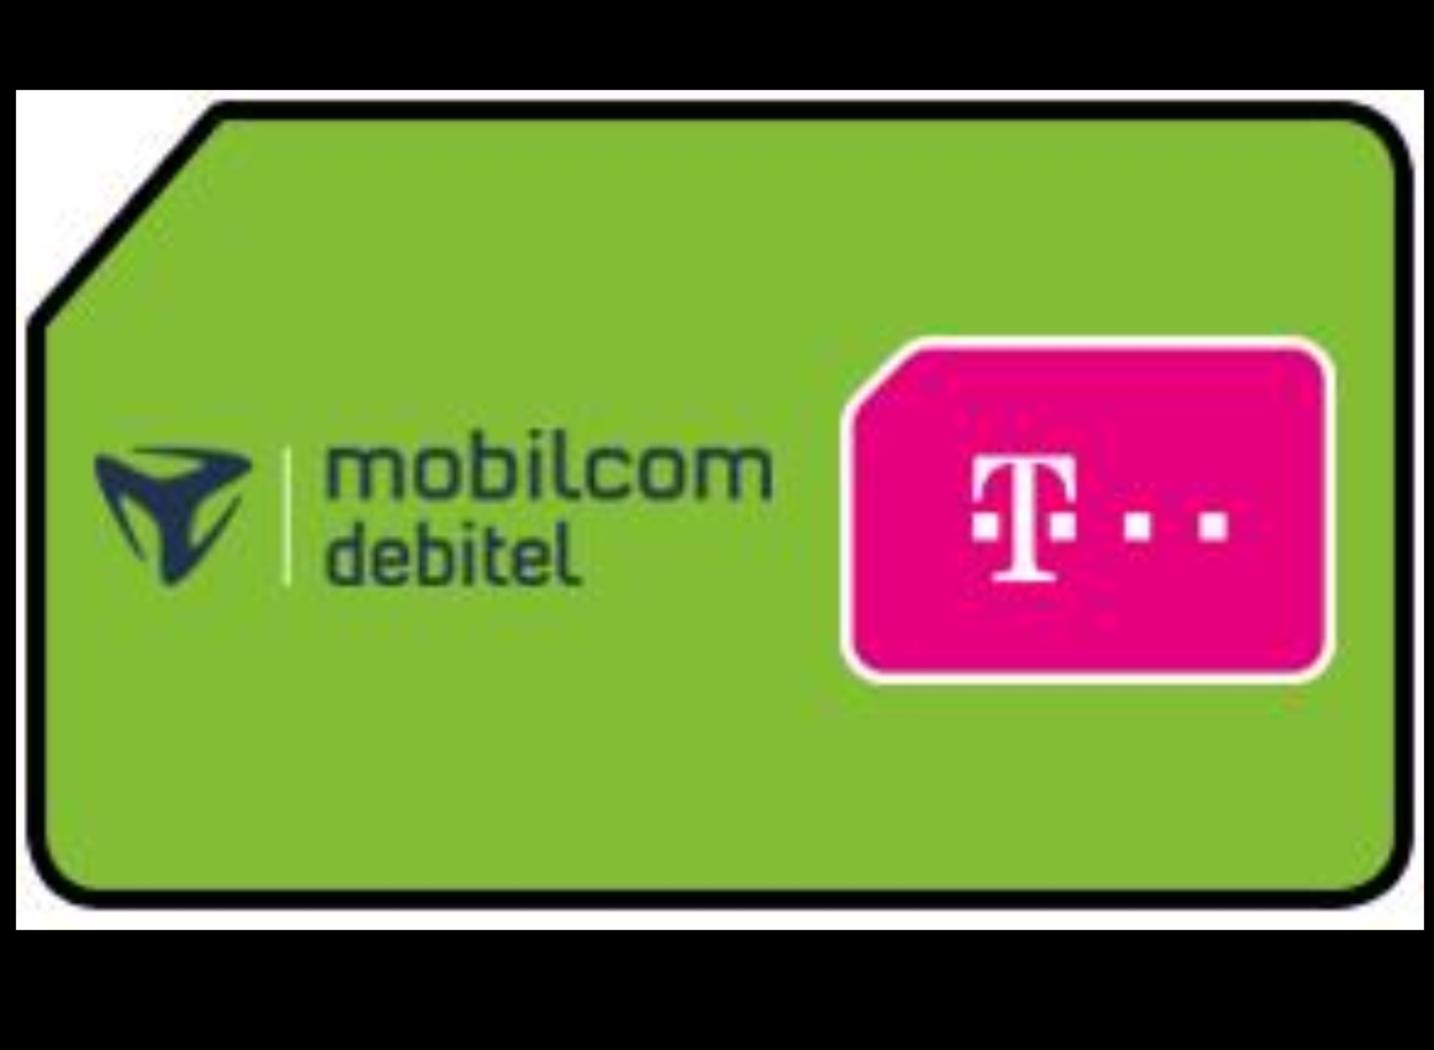 Mobilcom 4GB LTE Telekom Datenflat incl. 100€ Holidaycheck Gutschein